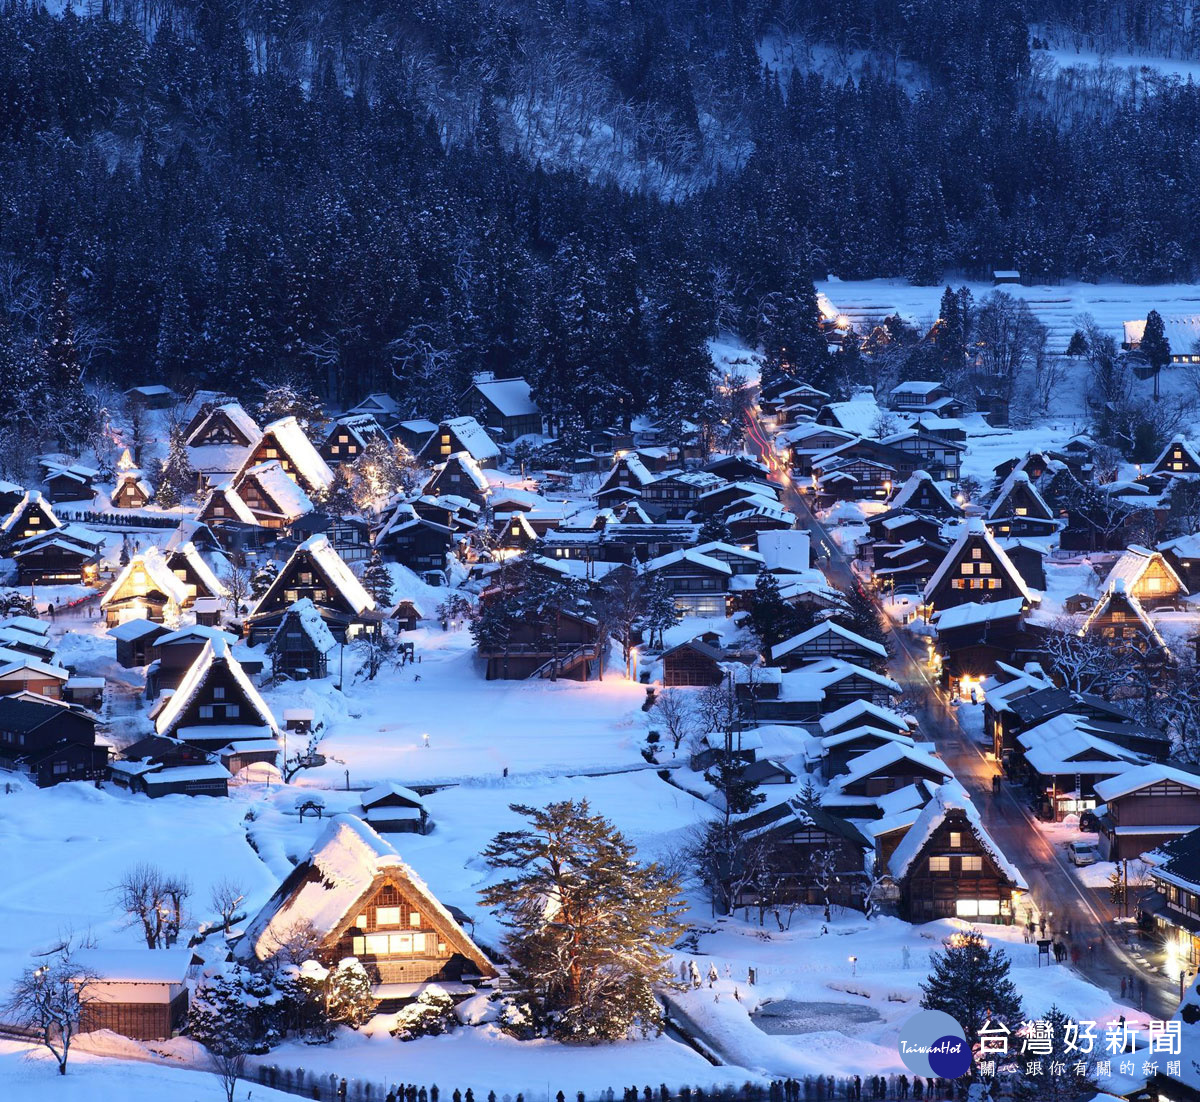 賞雪泡湯美食極光 冬季旅遊四大天王